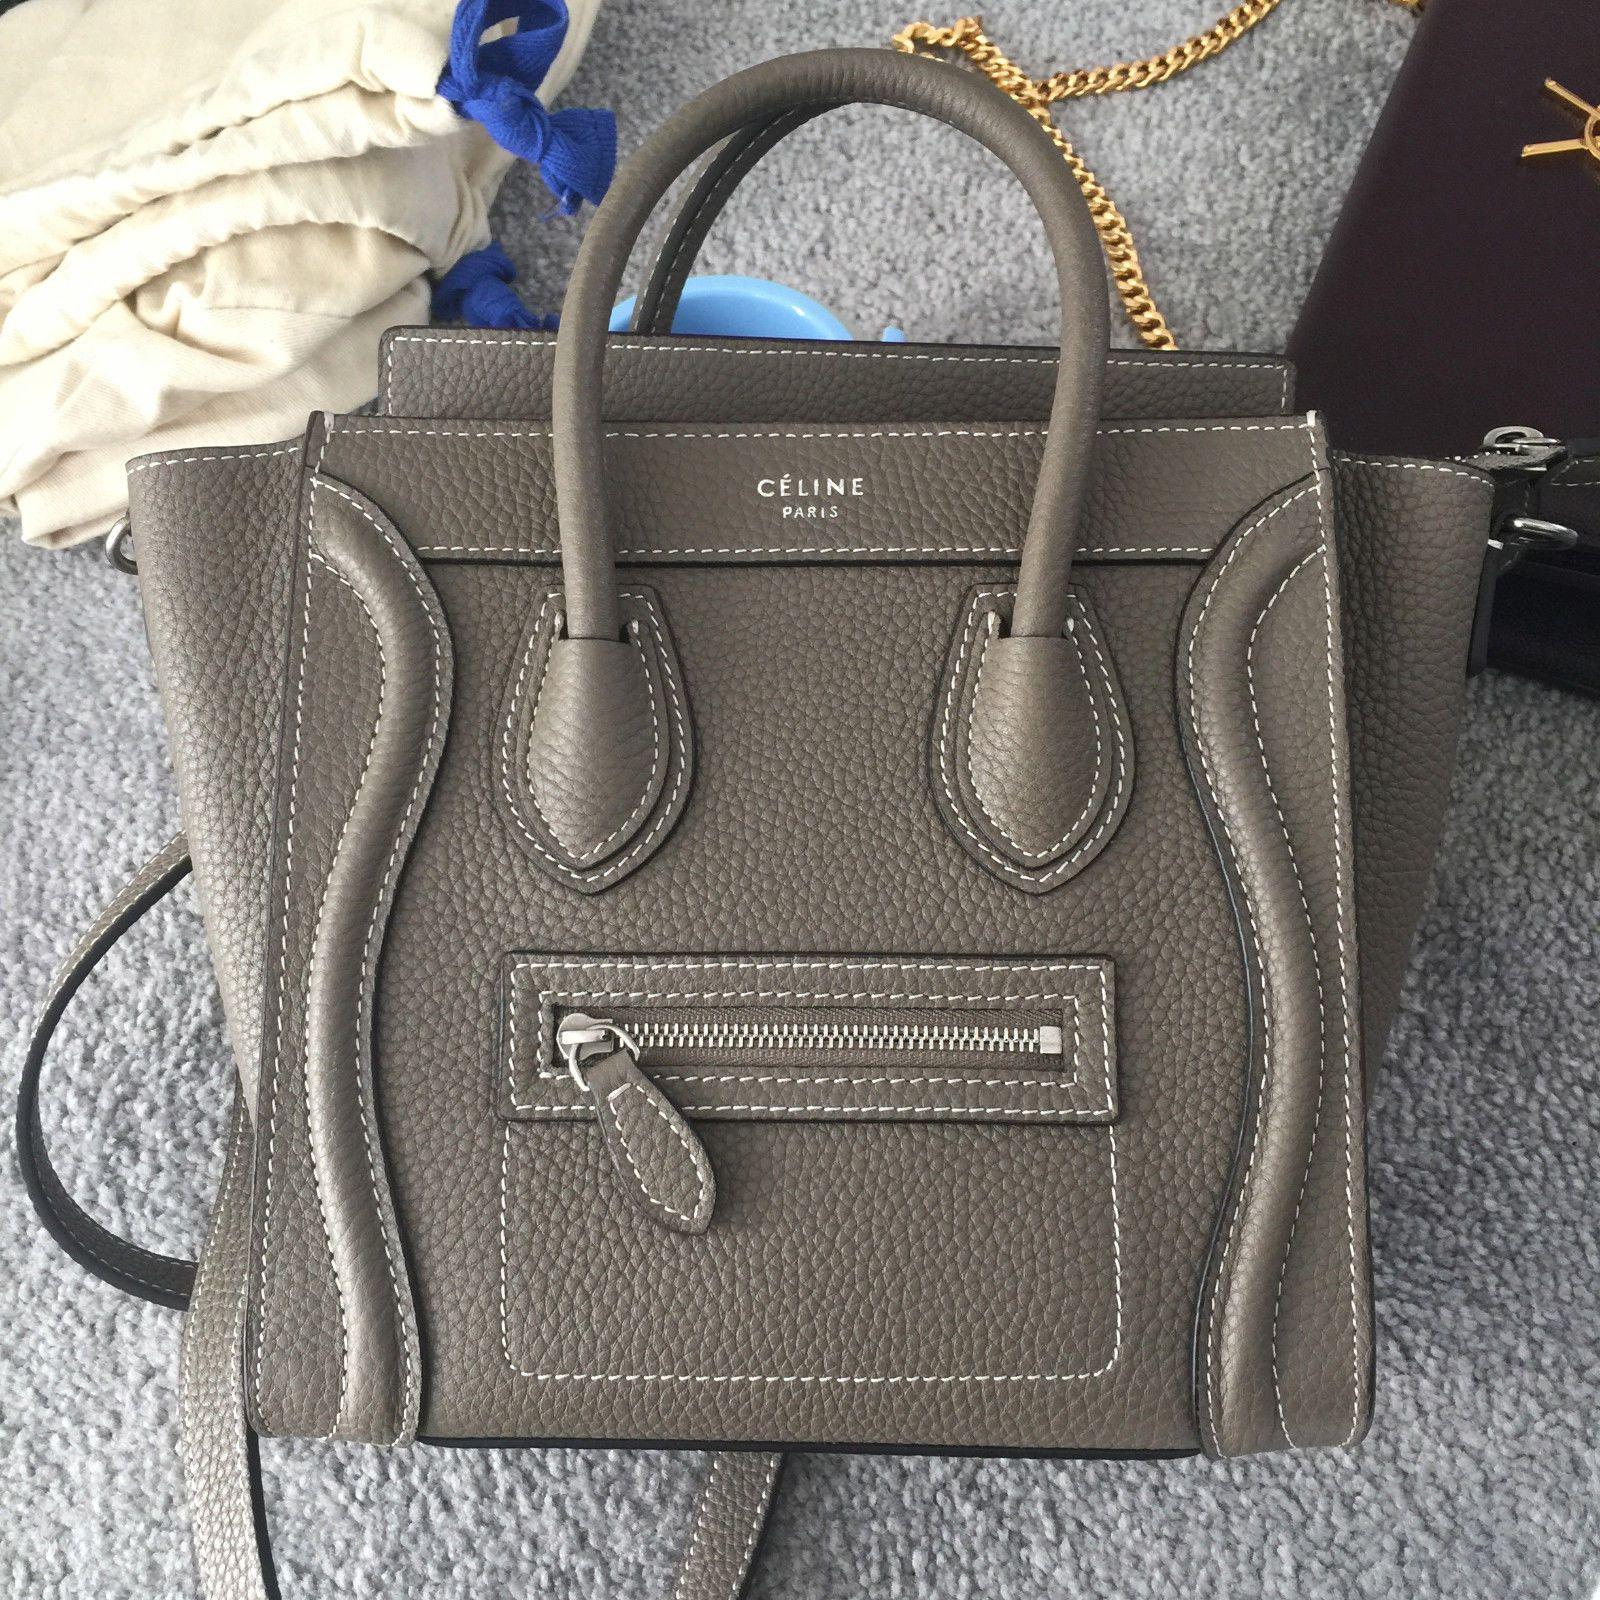 3b17e147e579 AUTH CELINE NANO LUGGAGE BAG IN DRUMMED CALFSKIN SOURIS gray mini ...